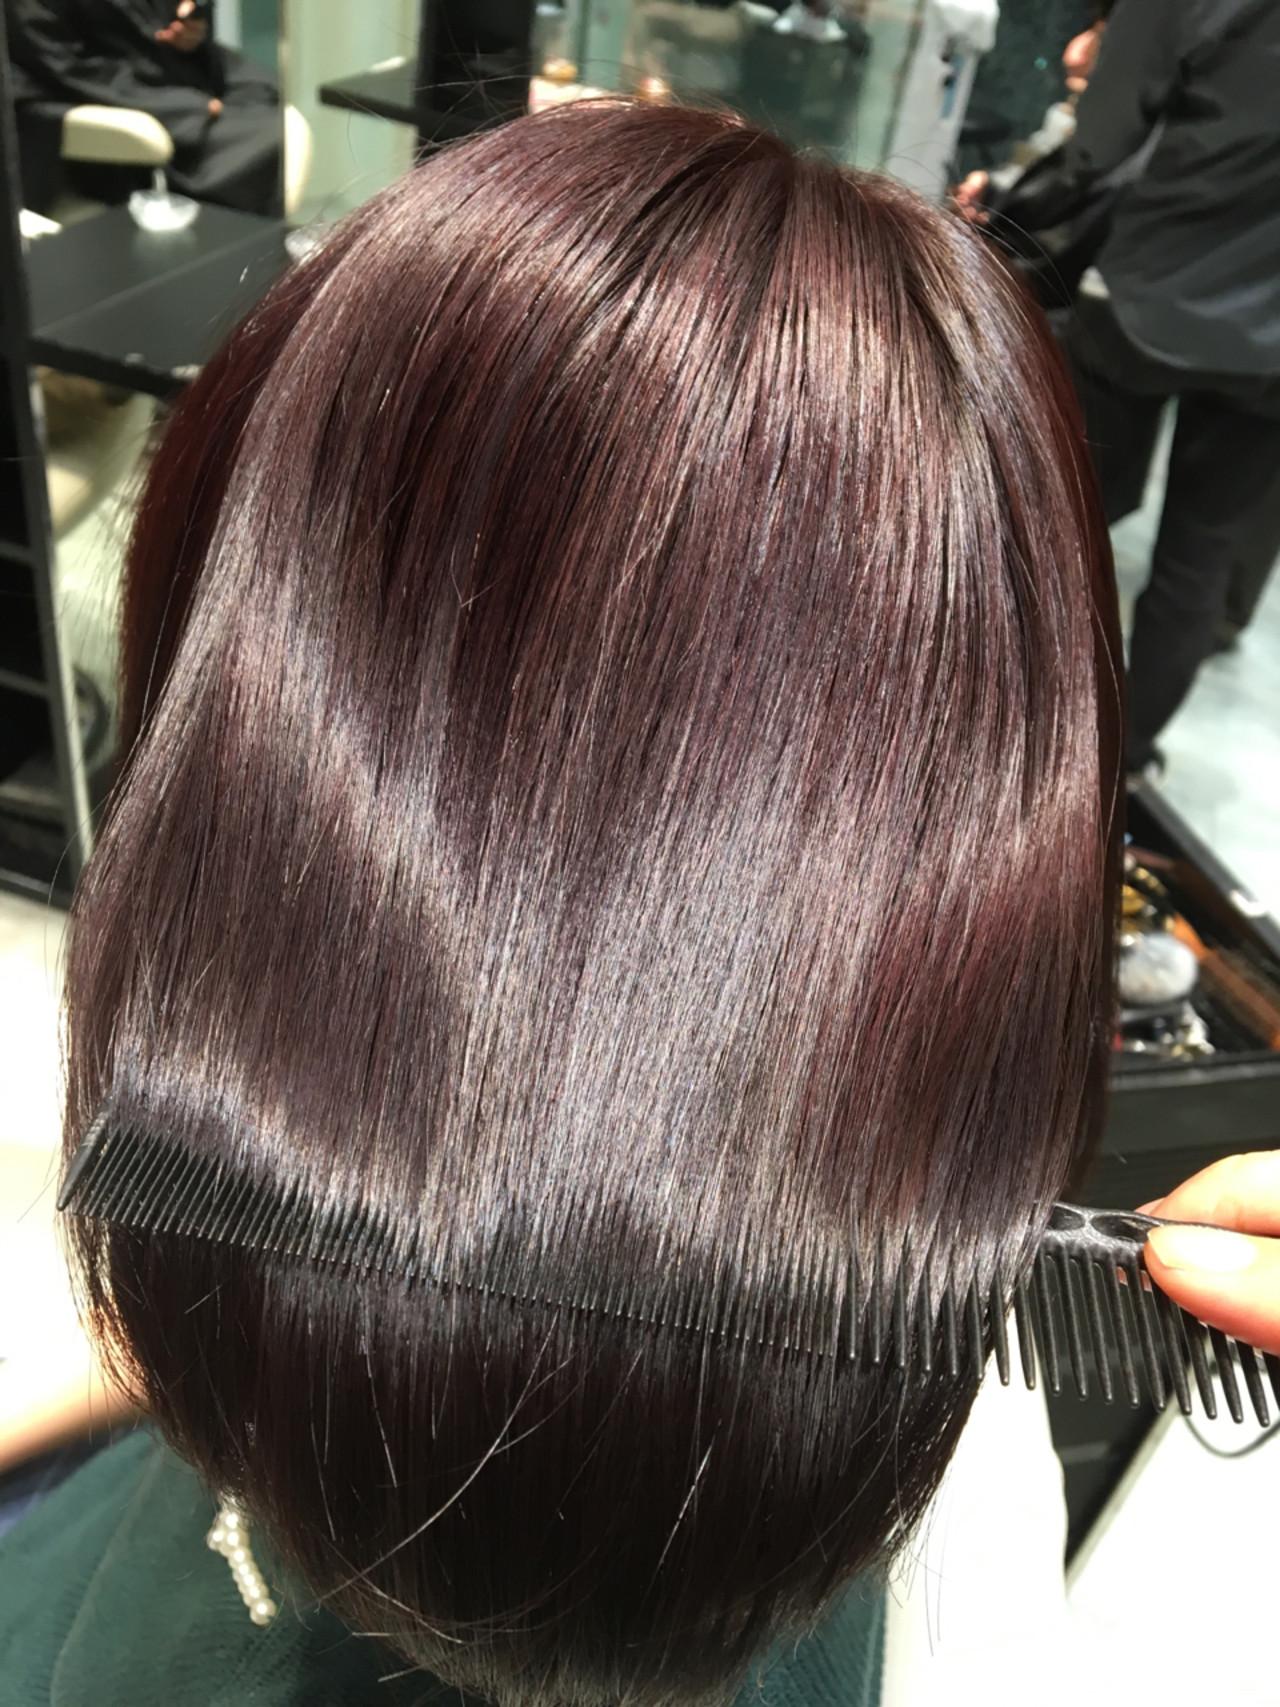 50代のためのヘアスタイル特集。気を付けたいポイントまとめ 飯田 淳平